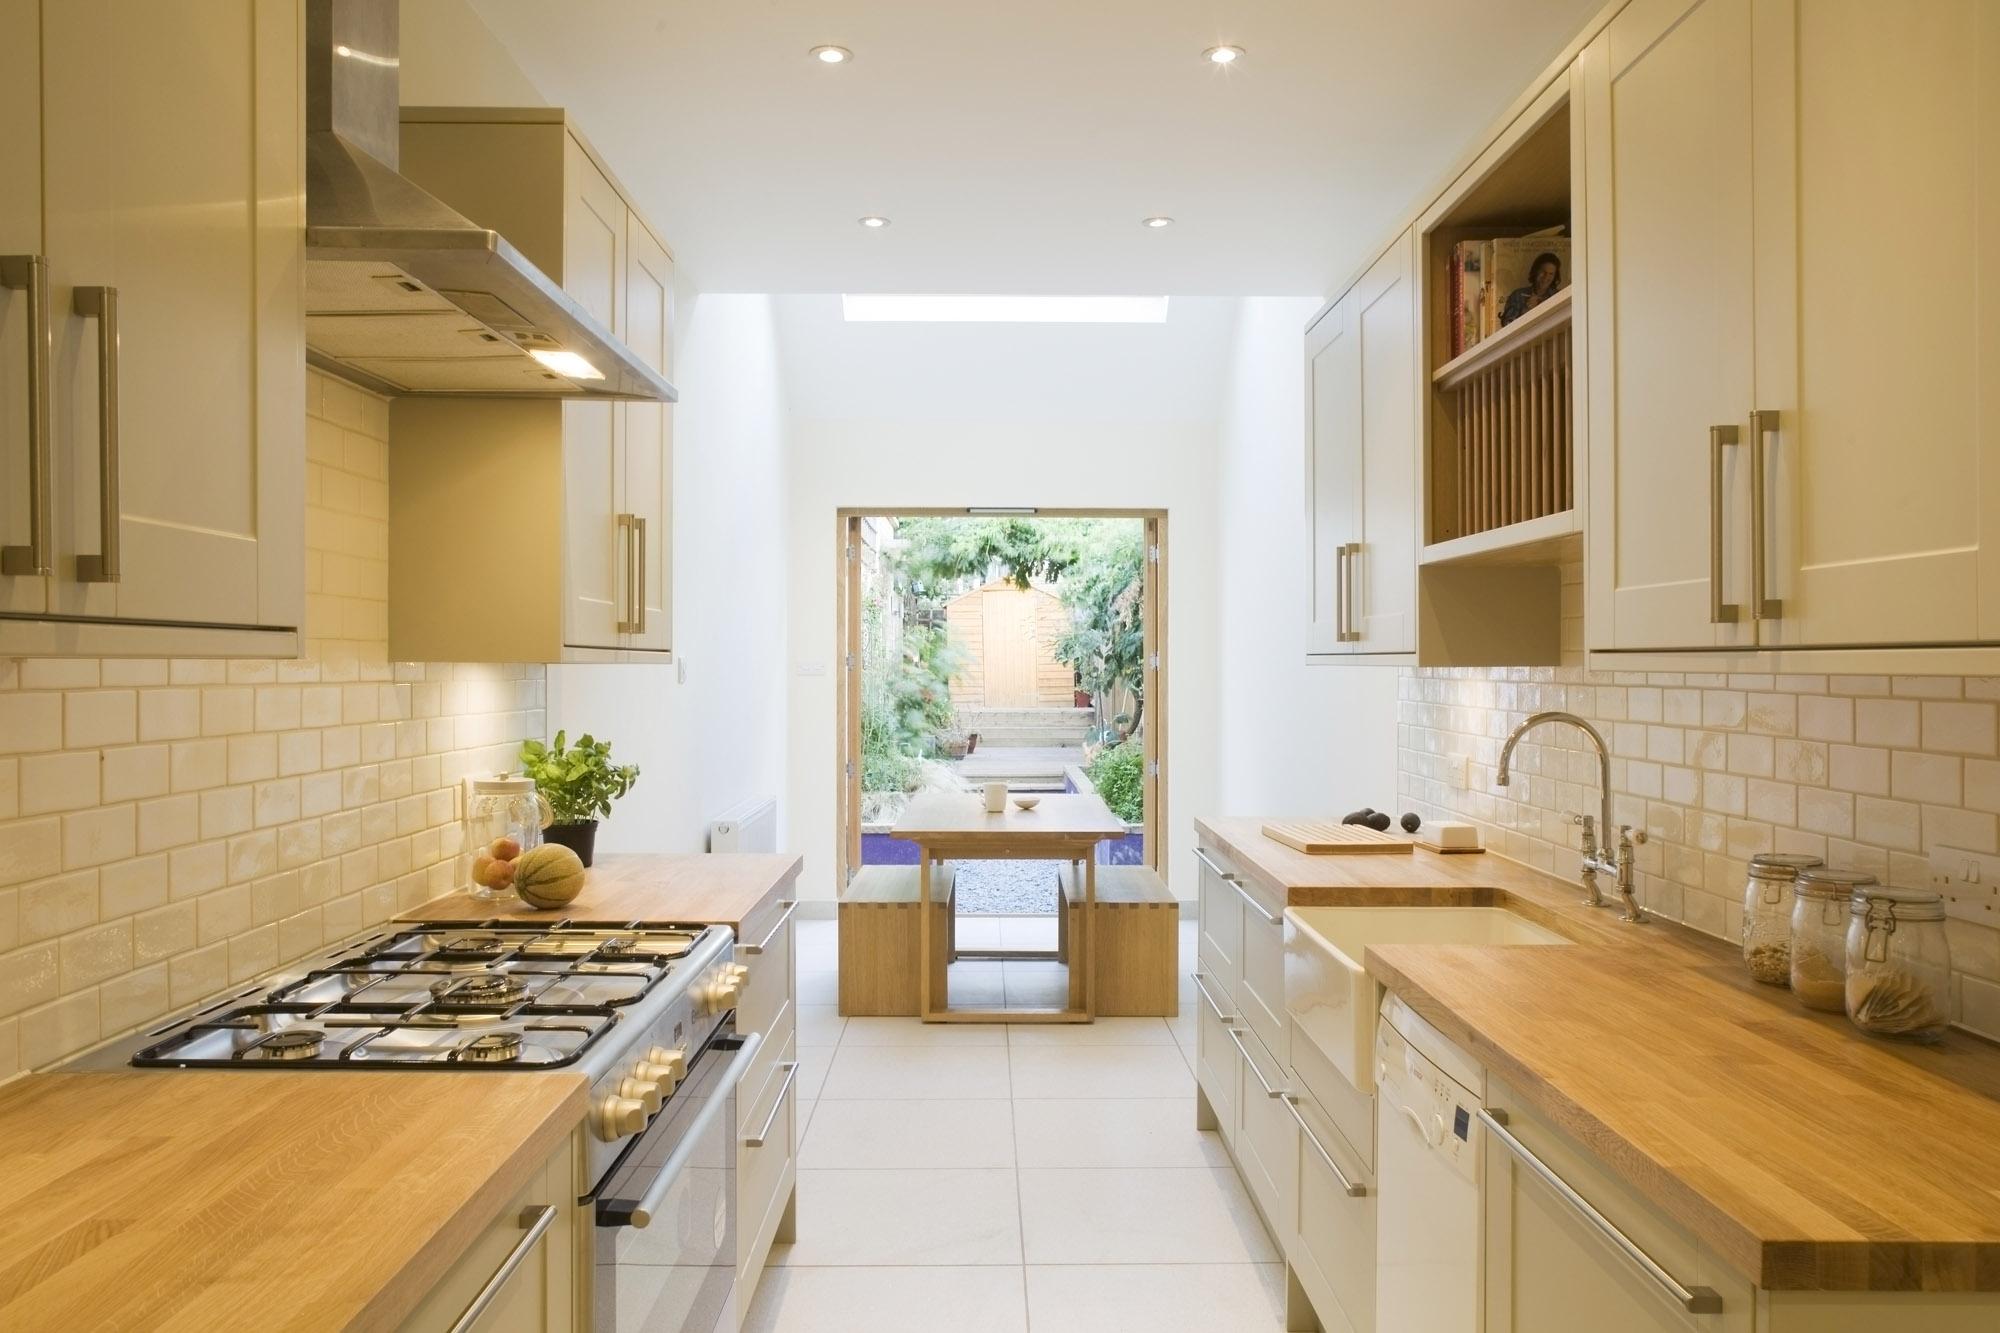 Дизайн узкой бежево-белой кухни